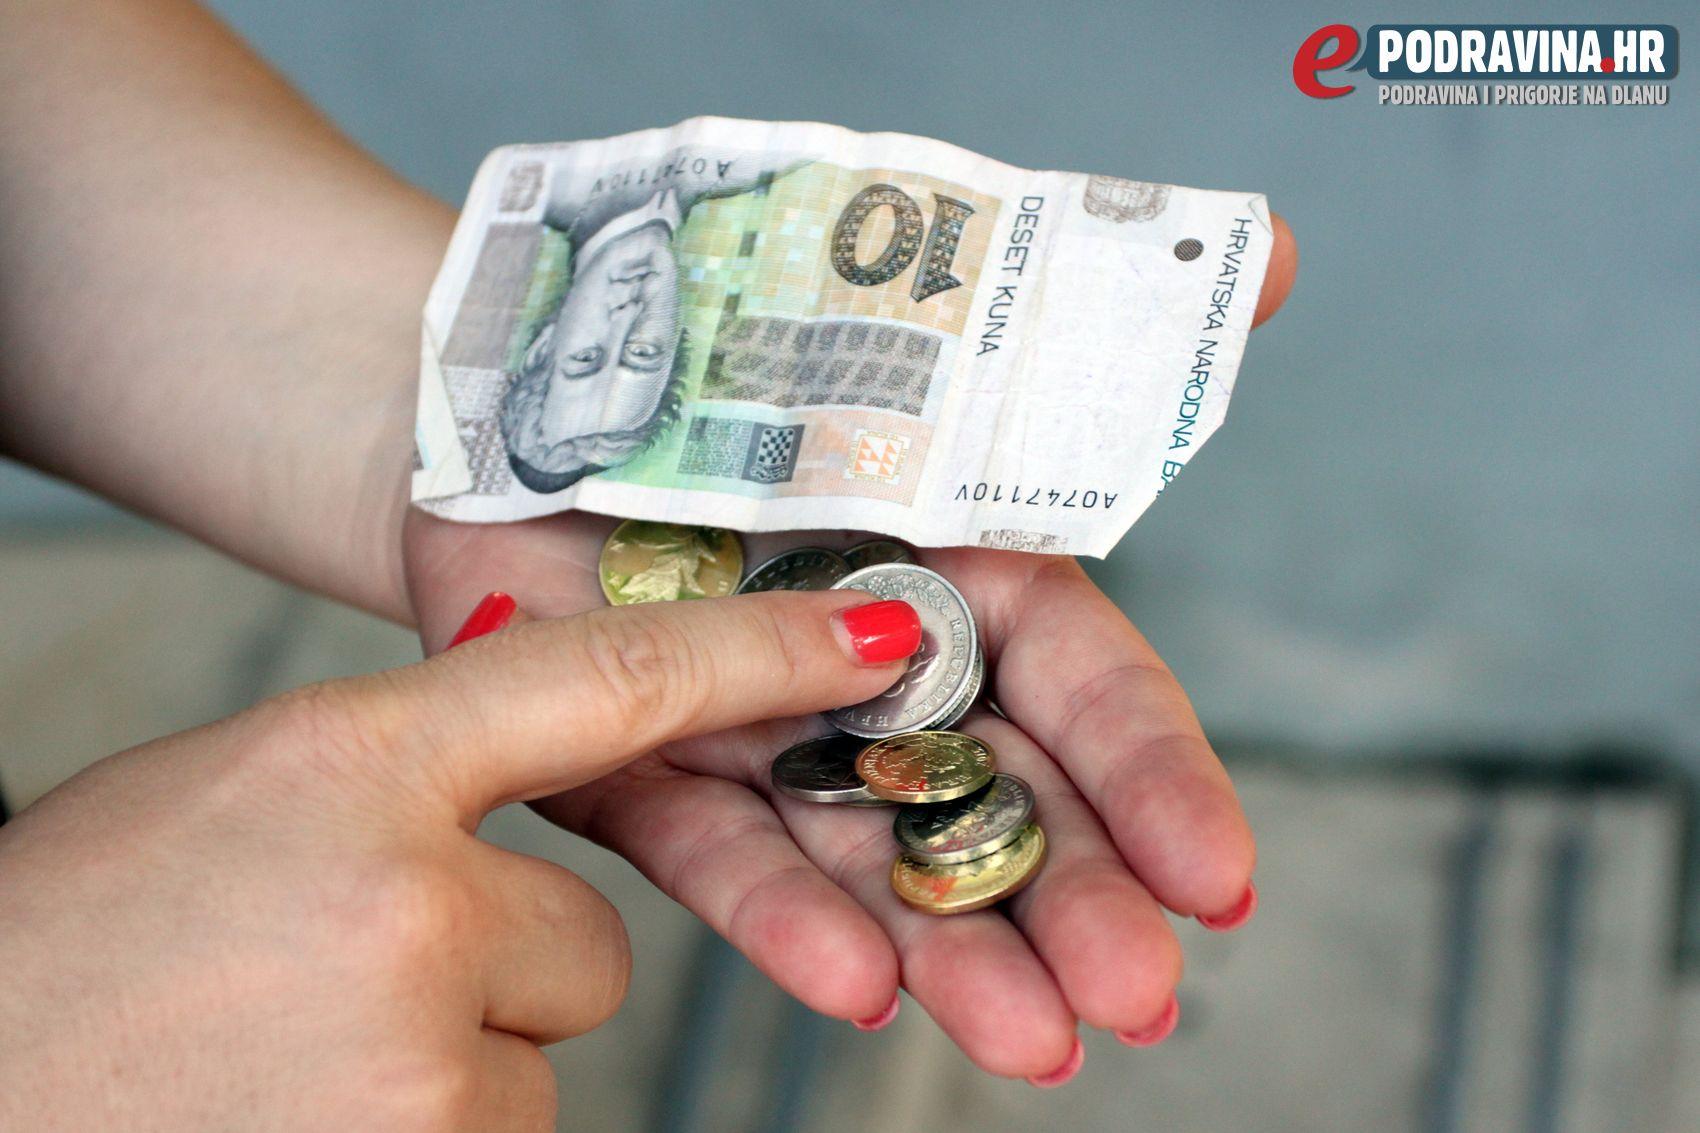 Podižete Gotovinu U Poslovnicama E Pa Banke Sad Uvode